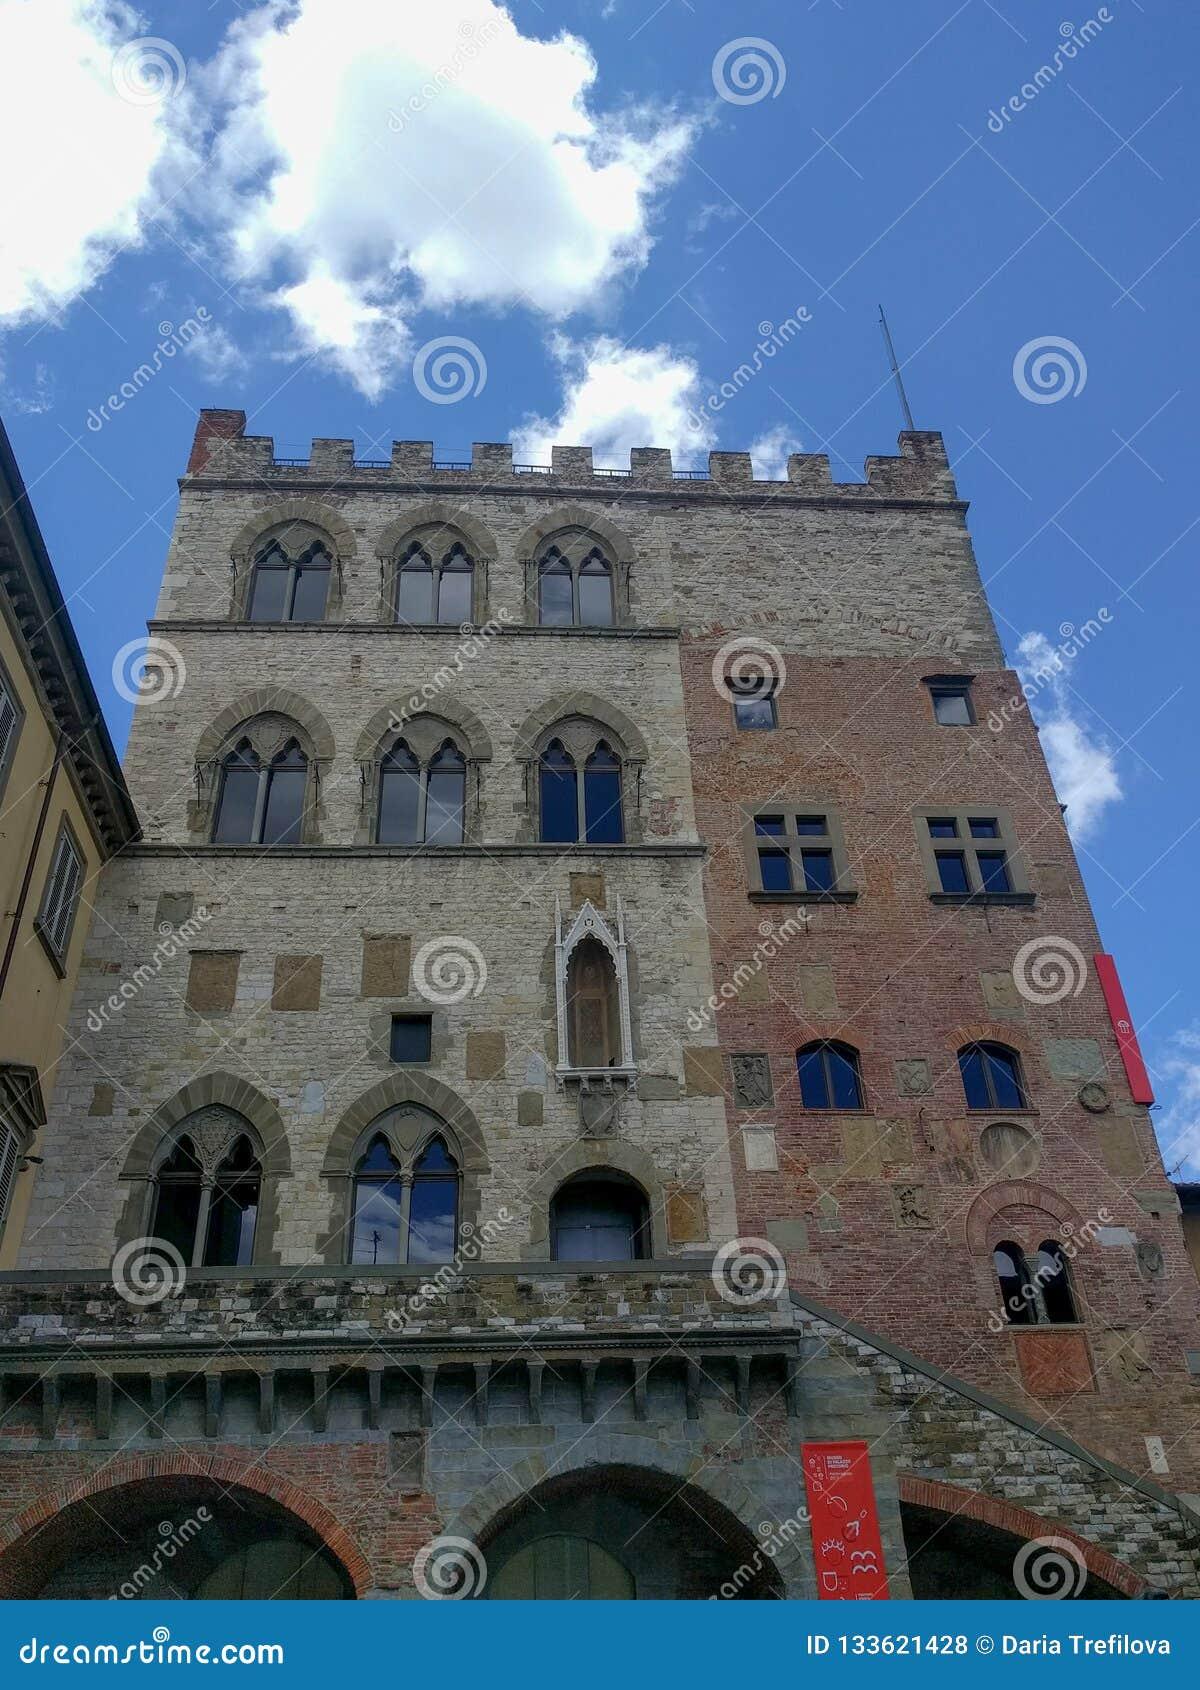 Palazzo Pretorio in Prato in a sunny day, Tuscany, Italy